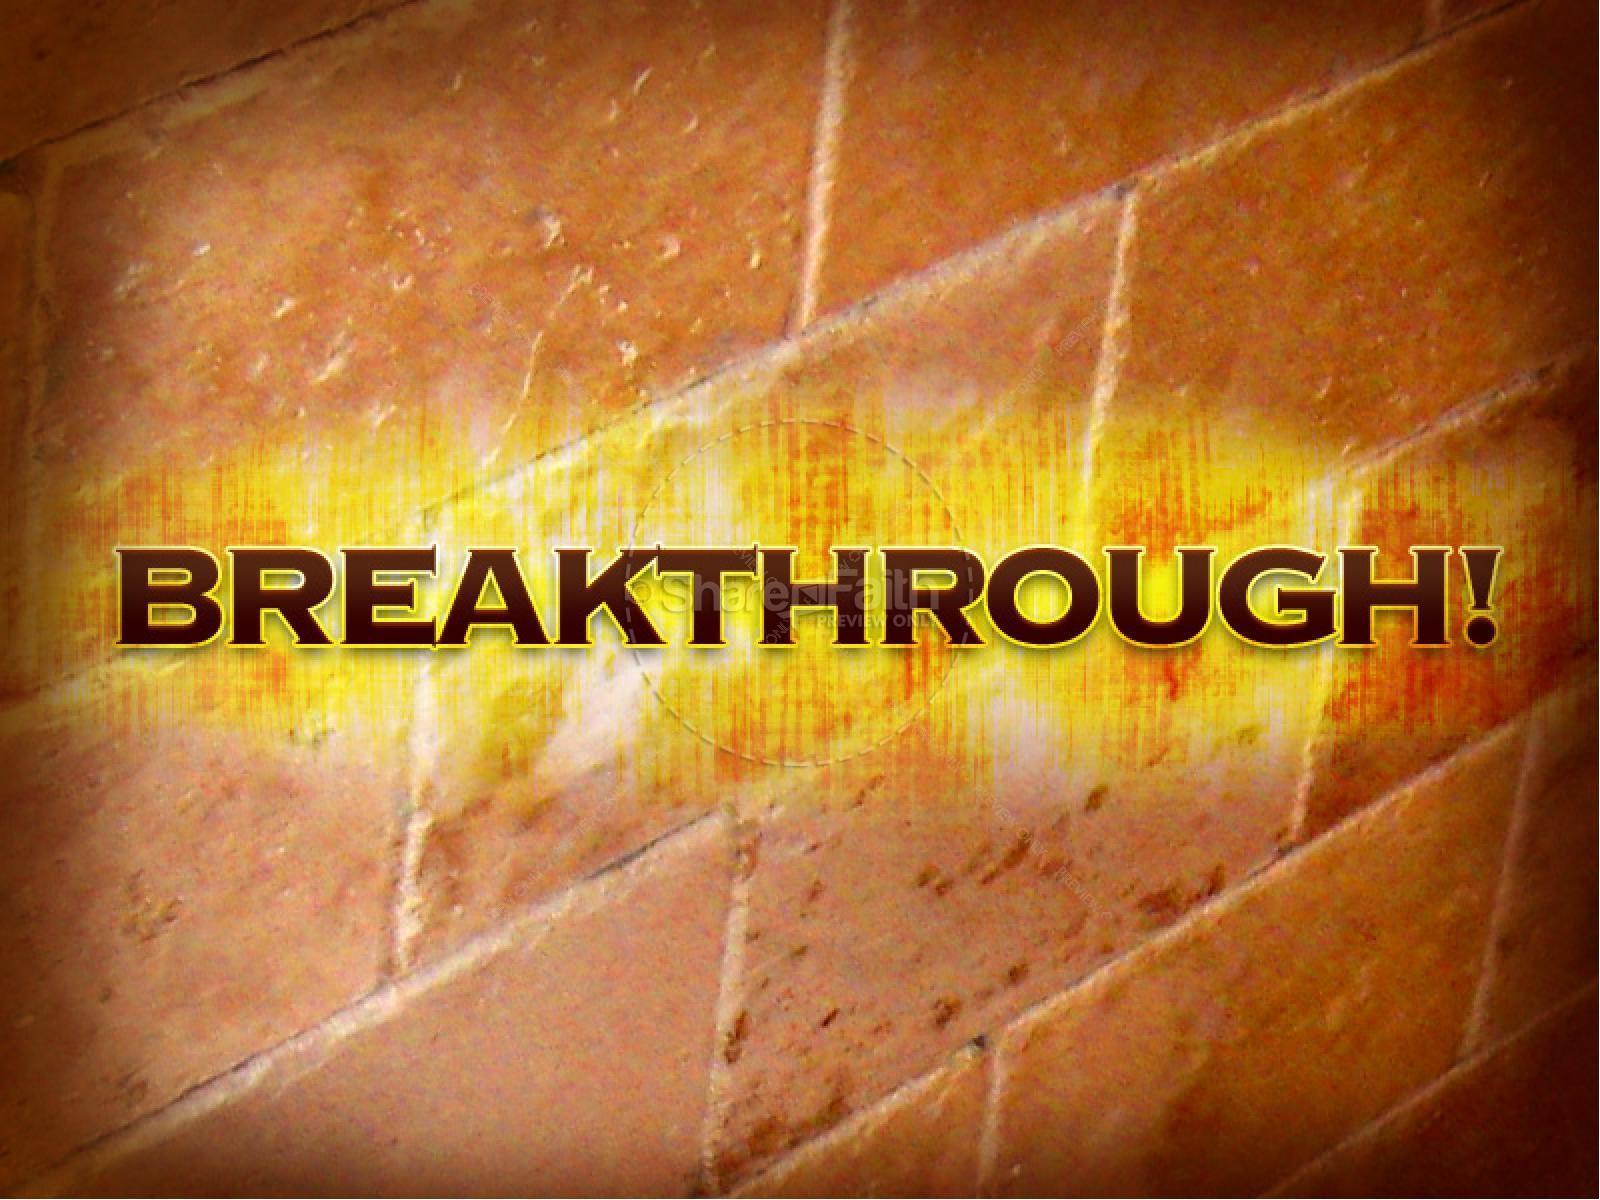 Christian Wallpaper Fall Breakthrough